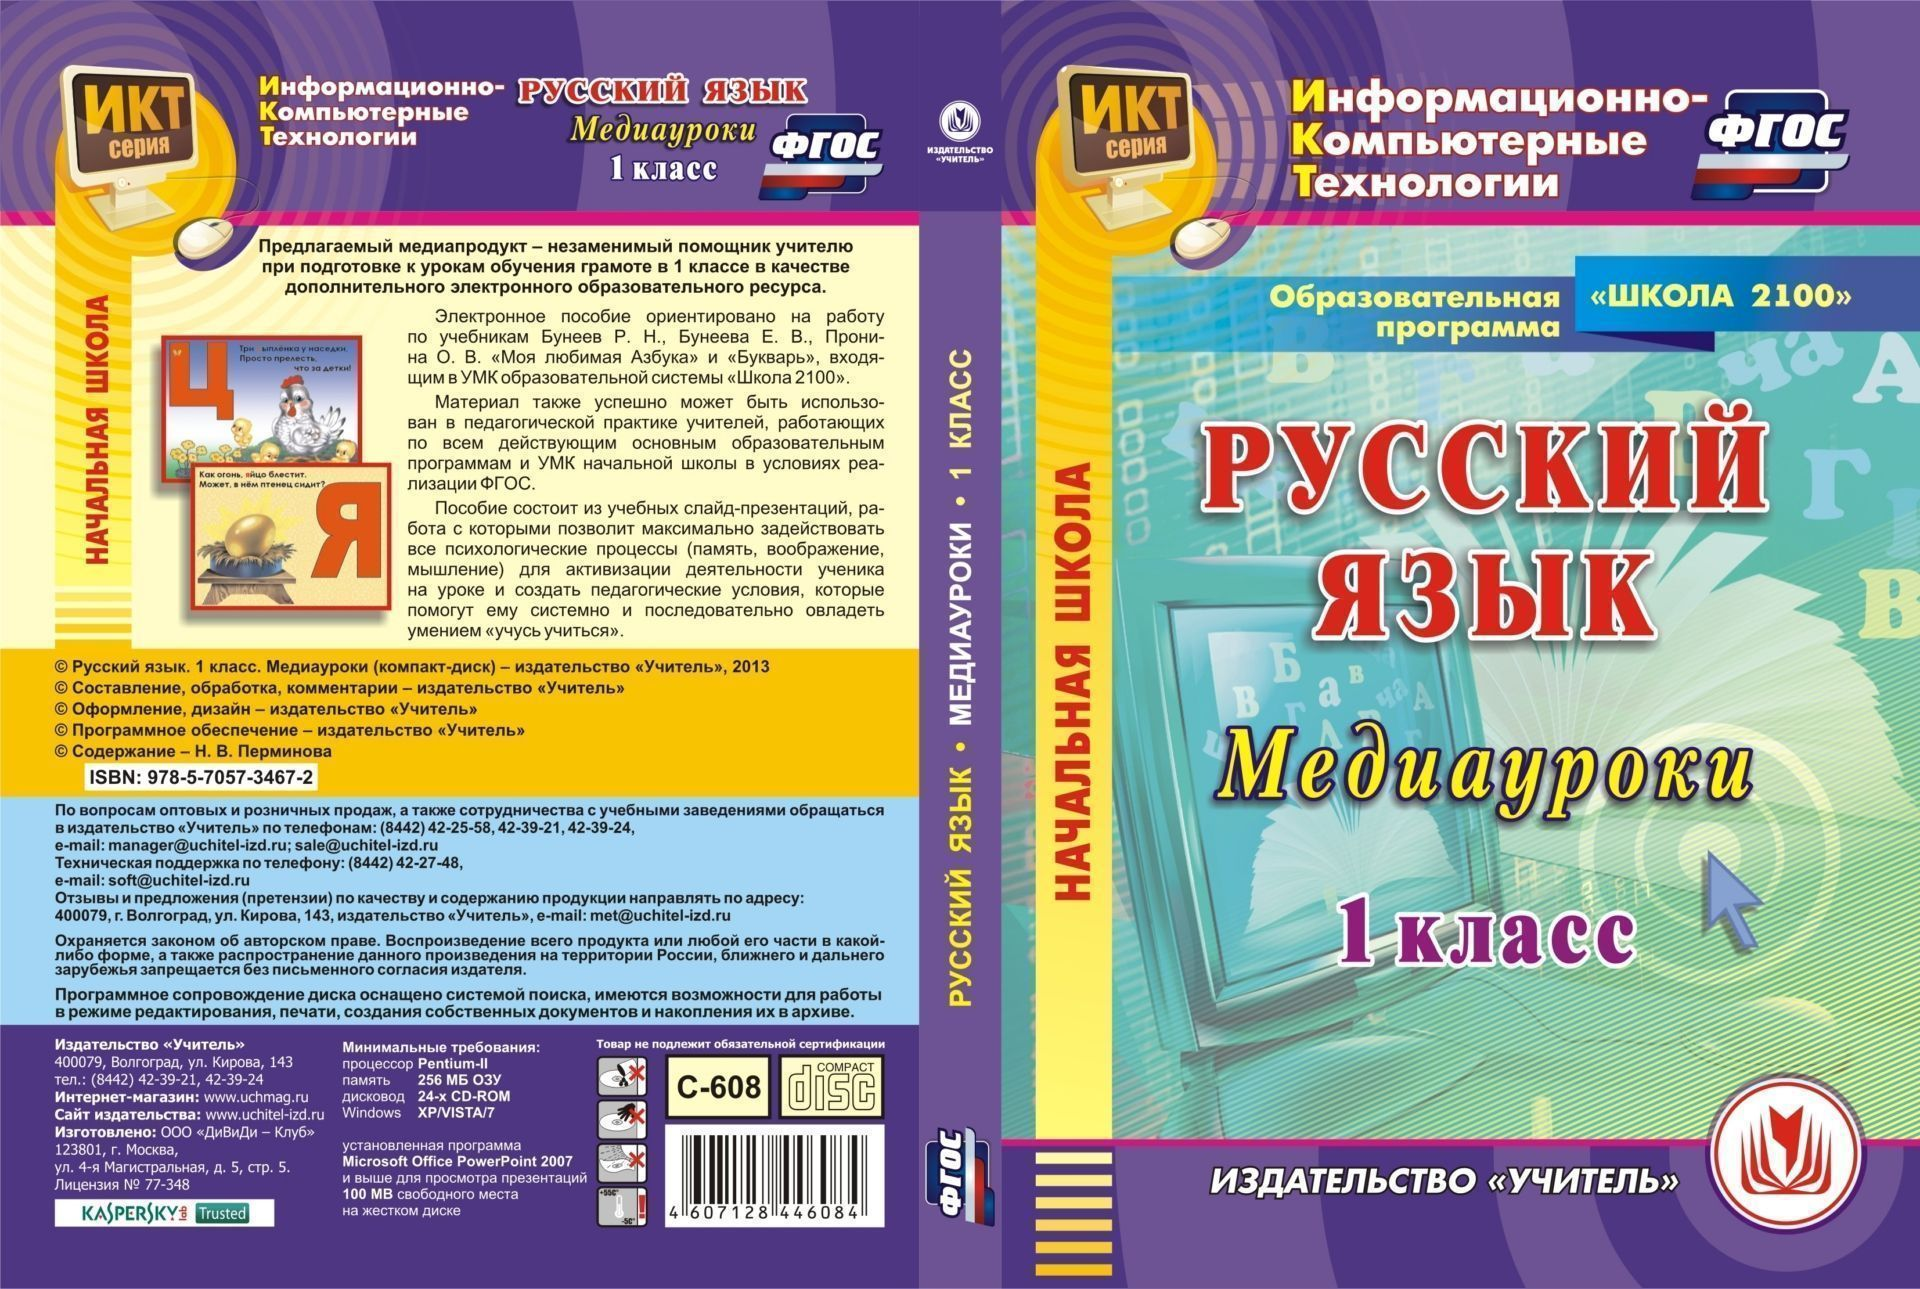 """Русский язык. 1 класс. Медиауроки. Компакт-диск для компьютера: Образовательная программа """"Школа 2100"""""""